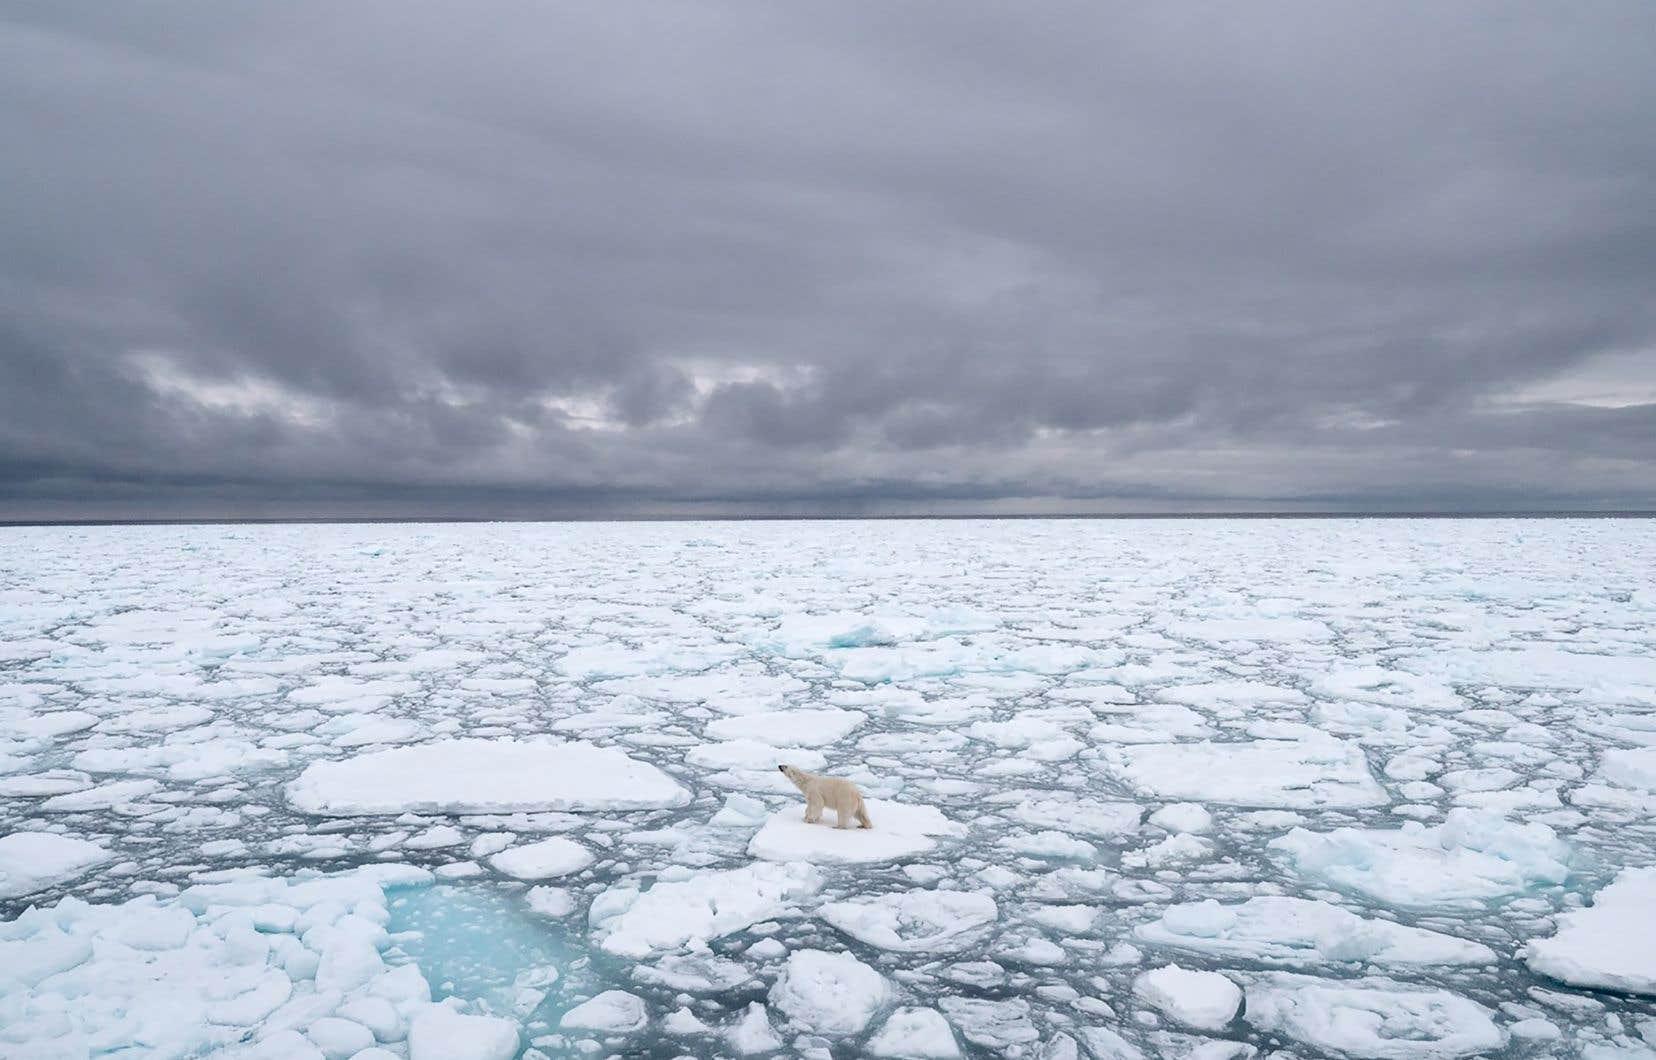 Un mâle de la sous-population de la Baie d'Hudson d'un poids 20% en dessous de la normale au début du jeûne estival ne survivrait que 125 jours, contre 200 aujourd'hui.